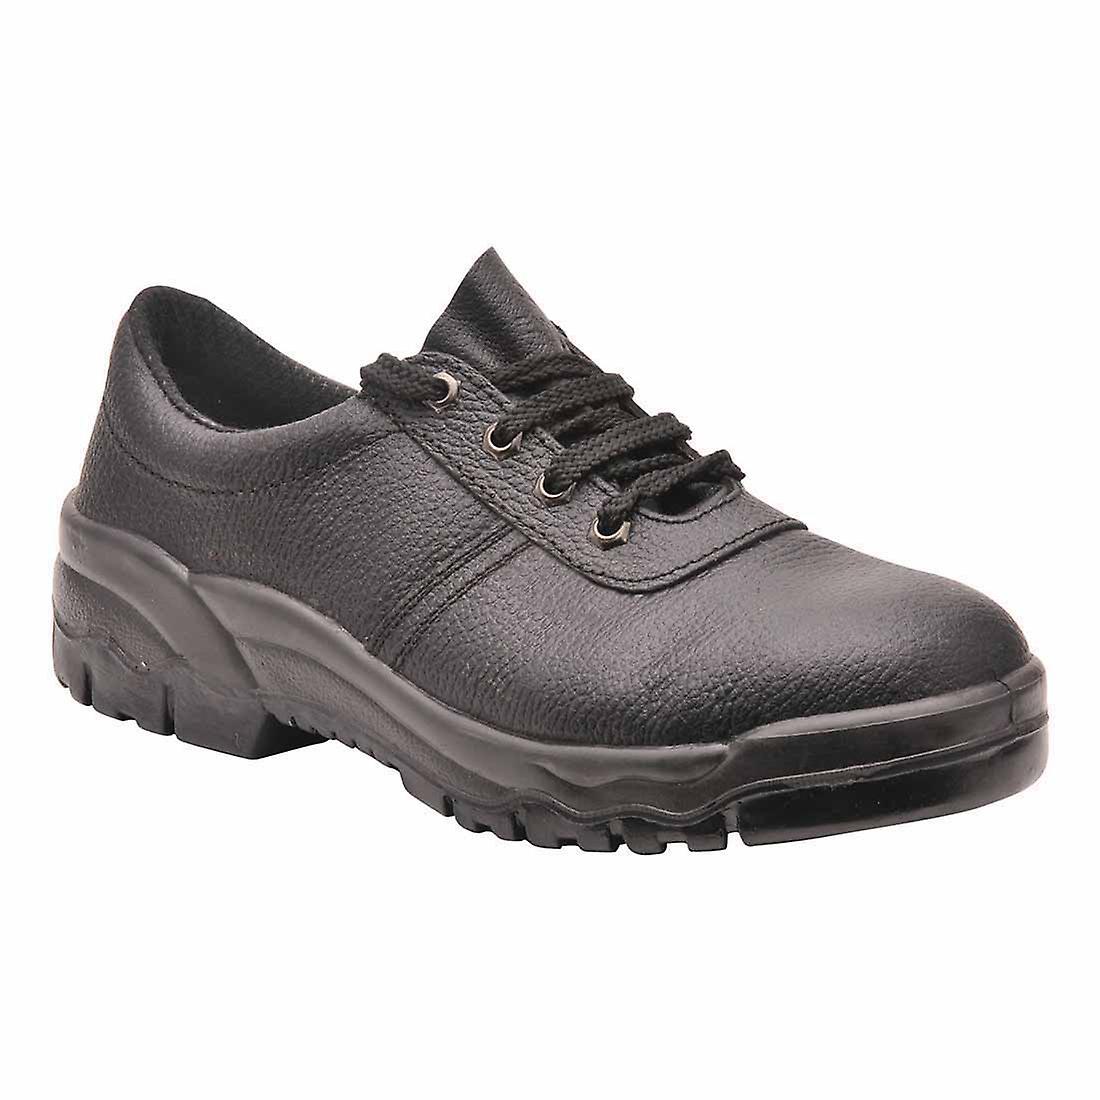 sUw - Workwear Shoe O1